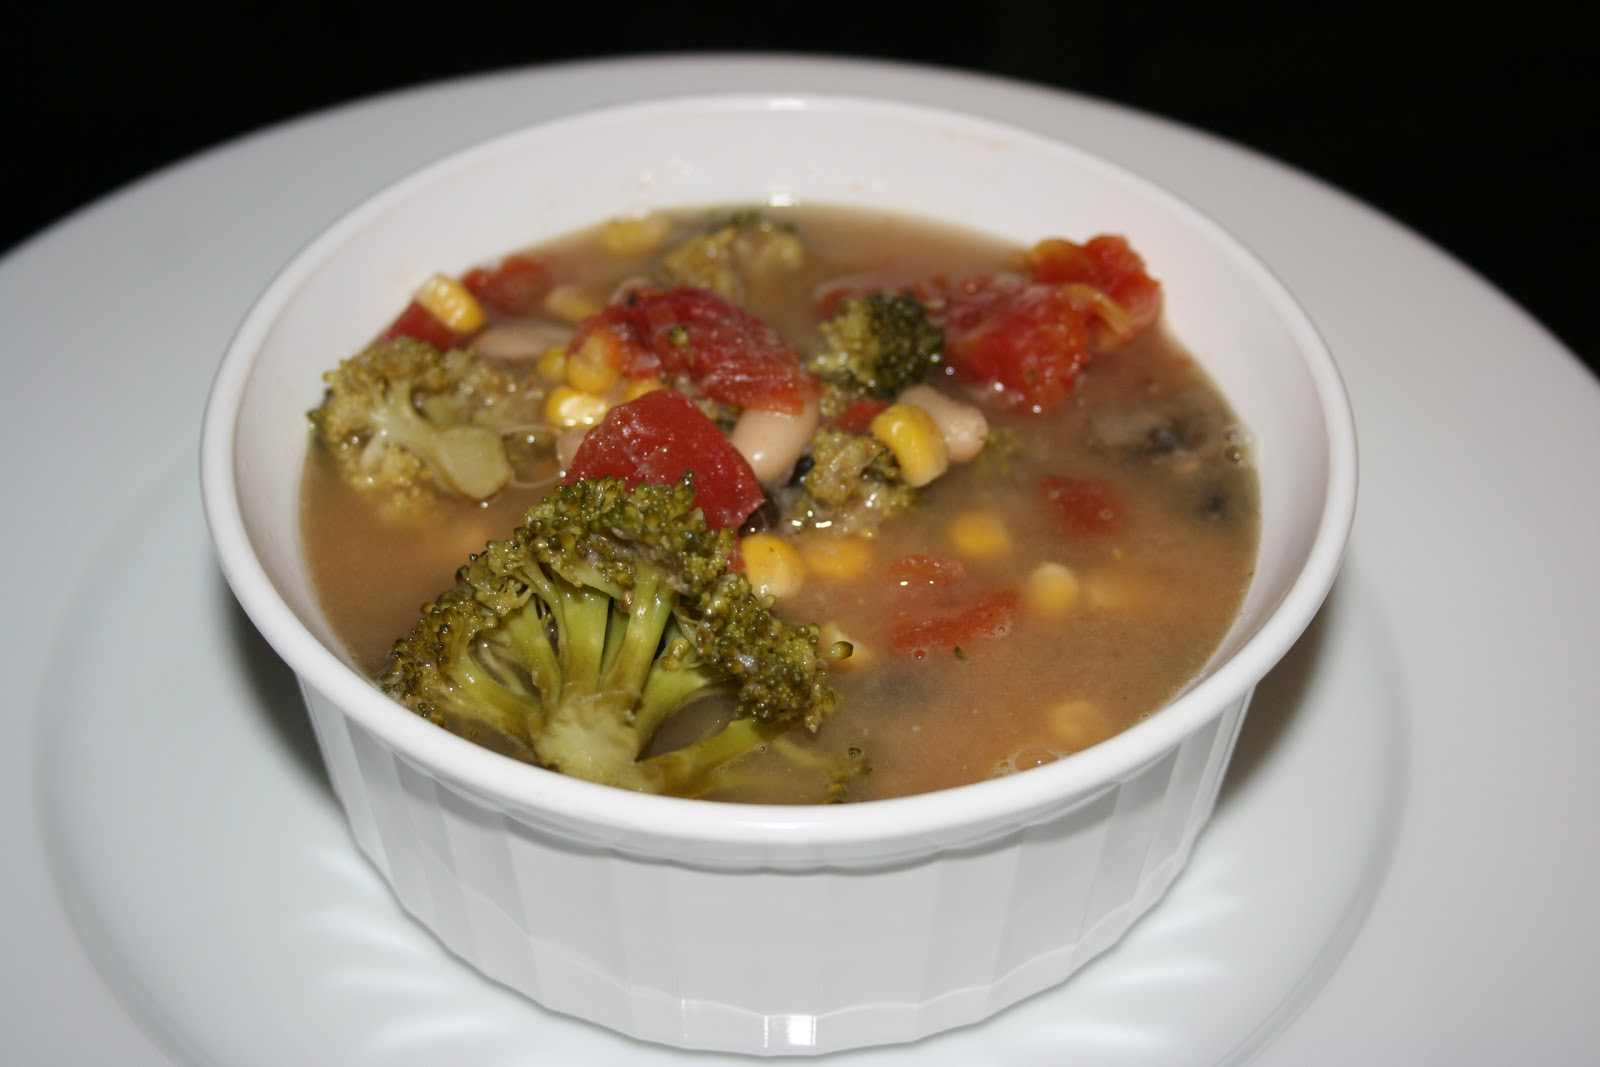 annies home: Crock Pot Recipe - Clean Out The fridge soup